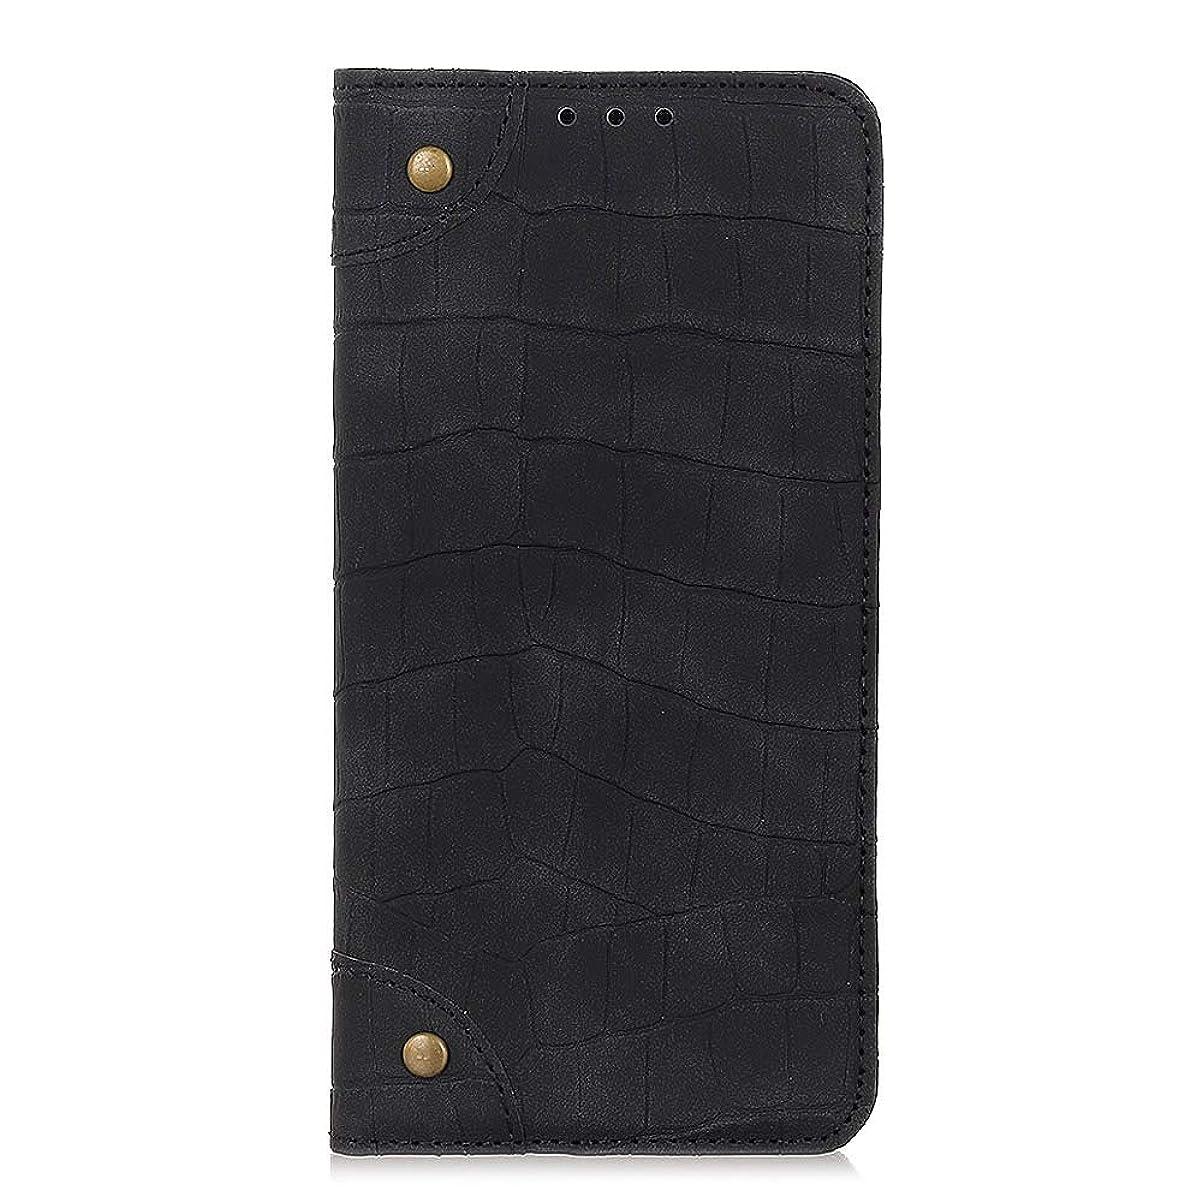 代表して直立いじめっ子Zeebox? iPhone 11 手帳型ケース 高級合皮PUレザー 薄型 簡約風 人気カバー 耐汚れ 耐摩擦 耐衝撃 財布型 マグネット式 保護ケース カード収納 付きスタンド機能 カード収納付 iPhone 11 用 Case Cover, 黒